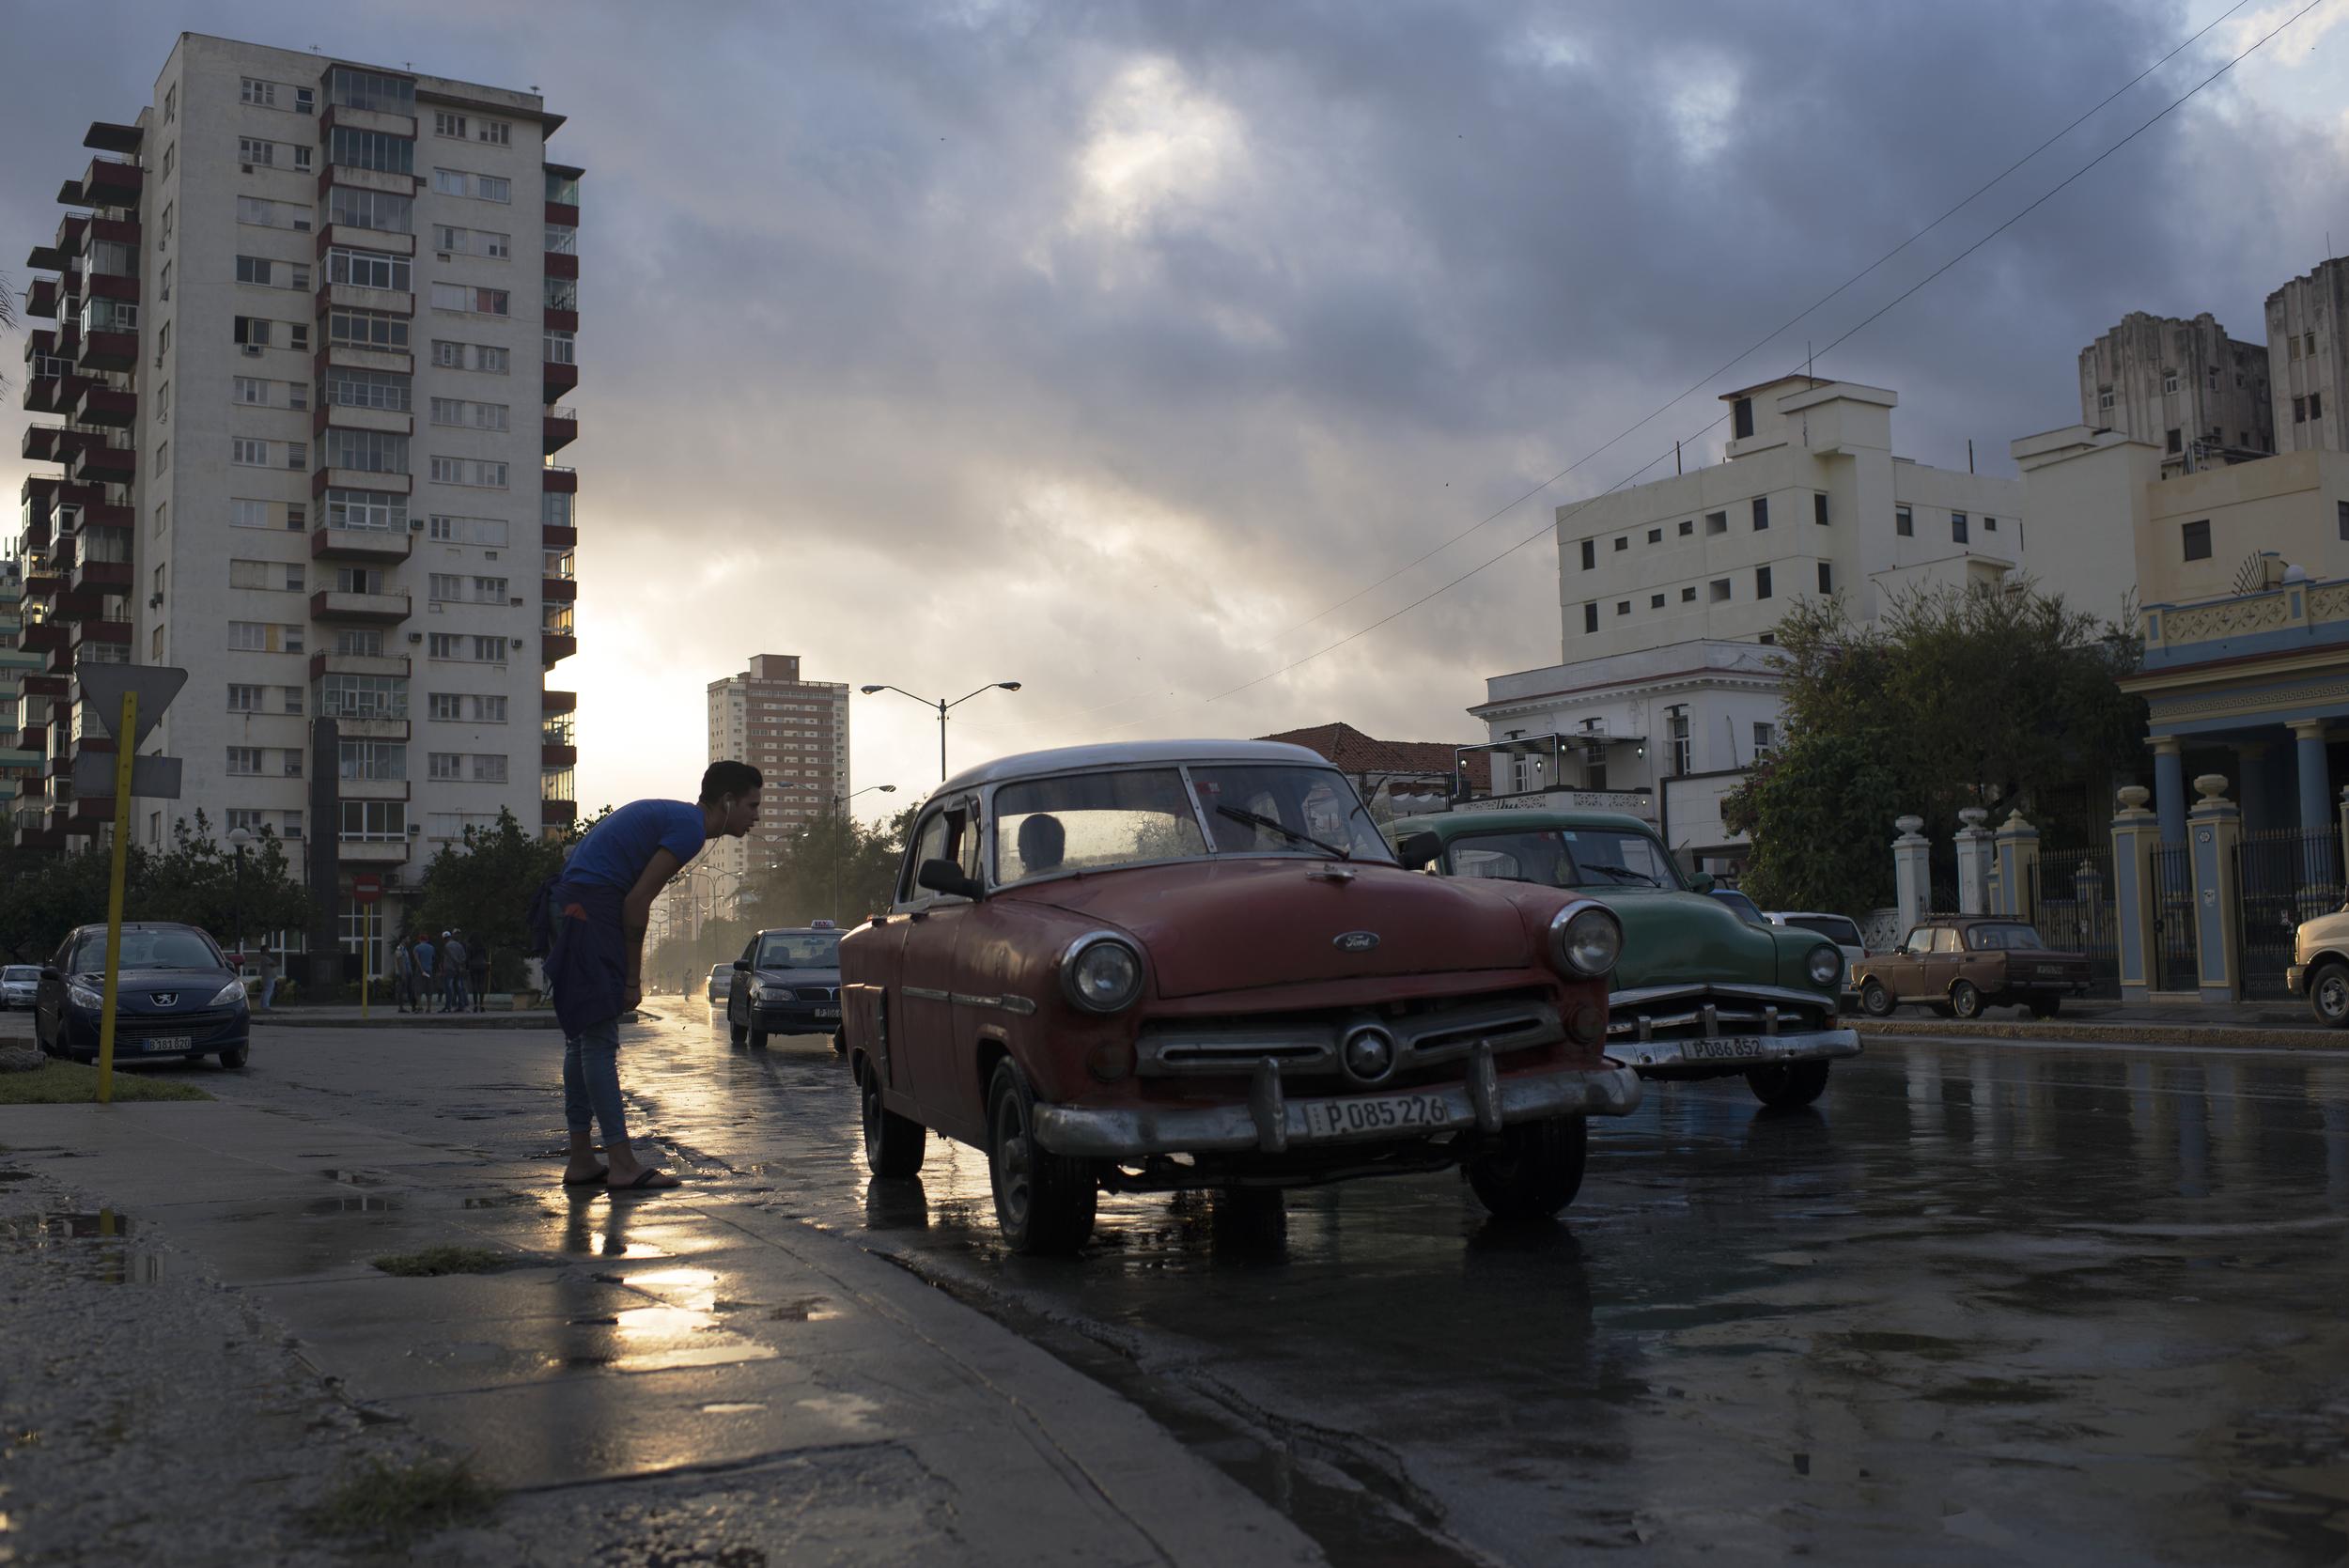 A man hails a taxi on Jan. 22, 2016 in Havana, Cuba.